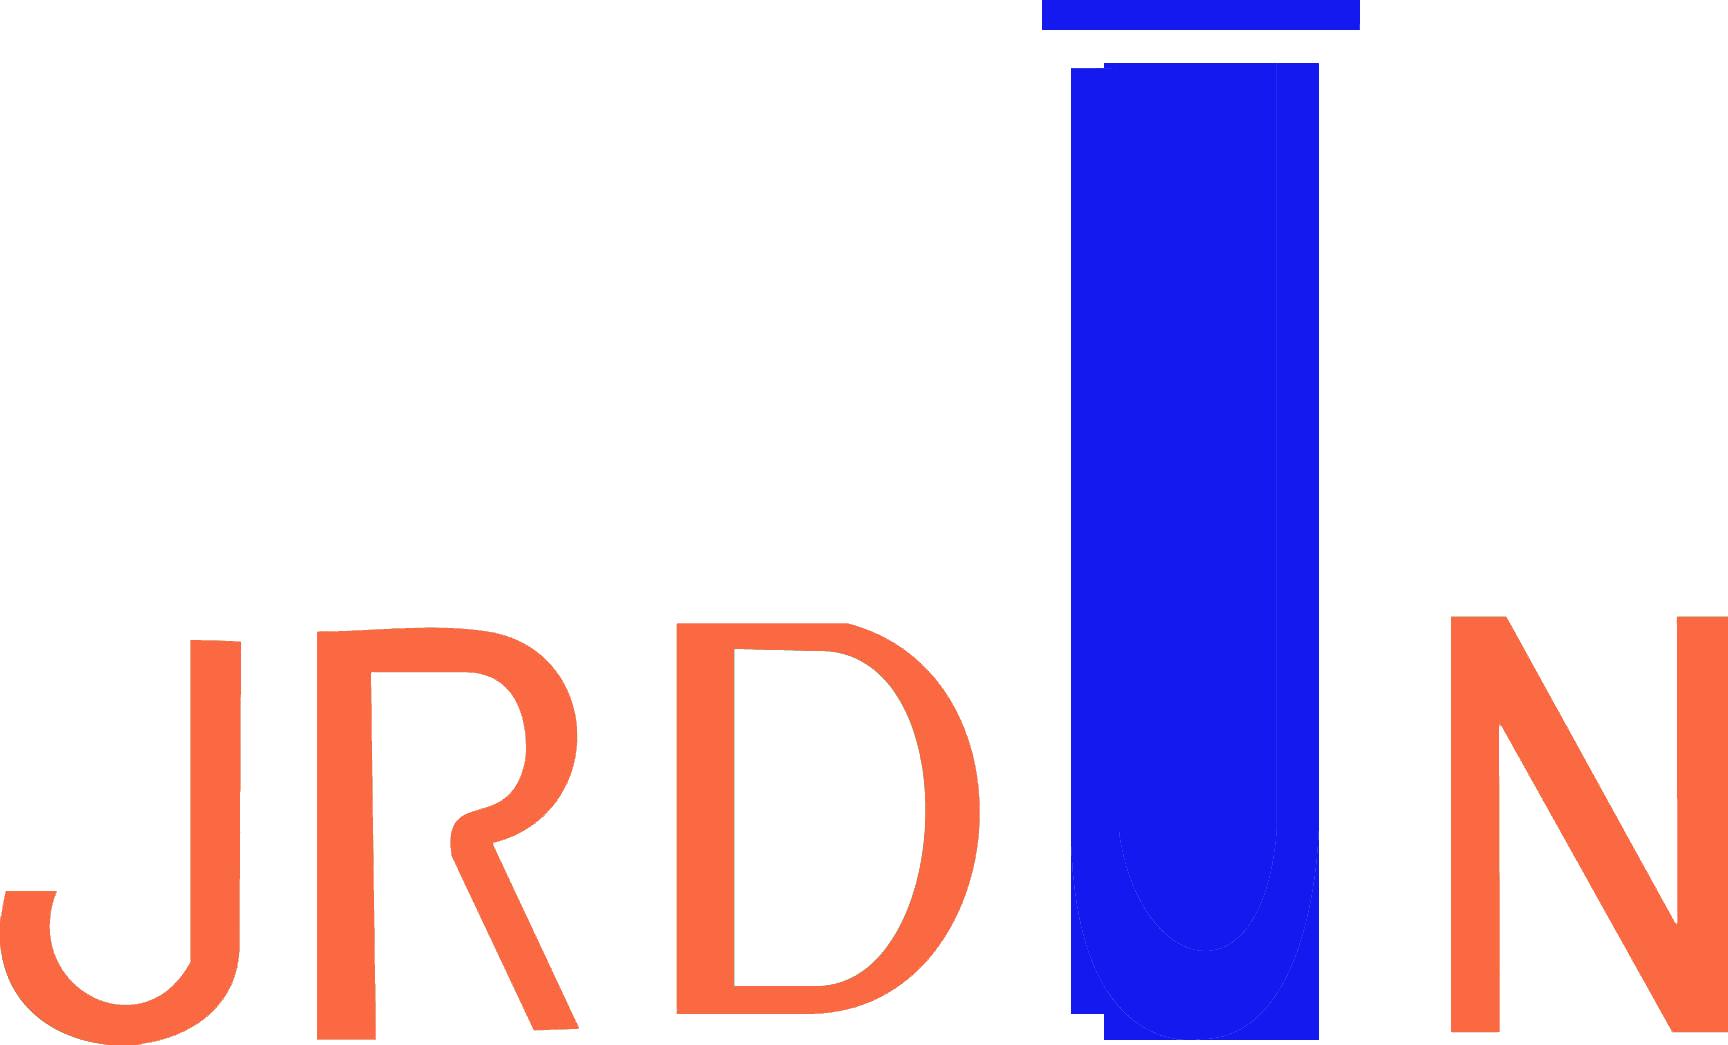 jrdun